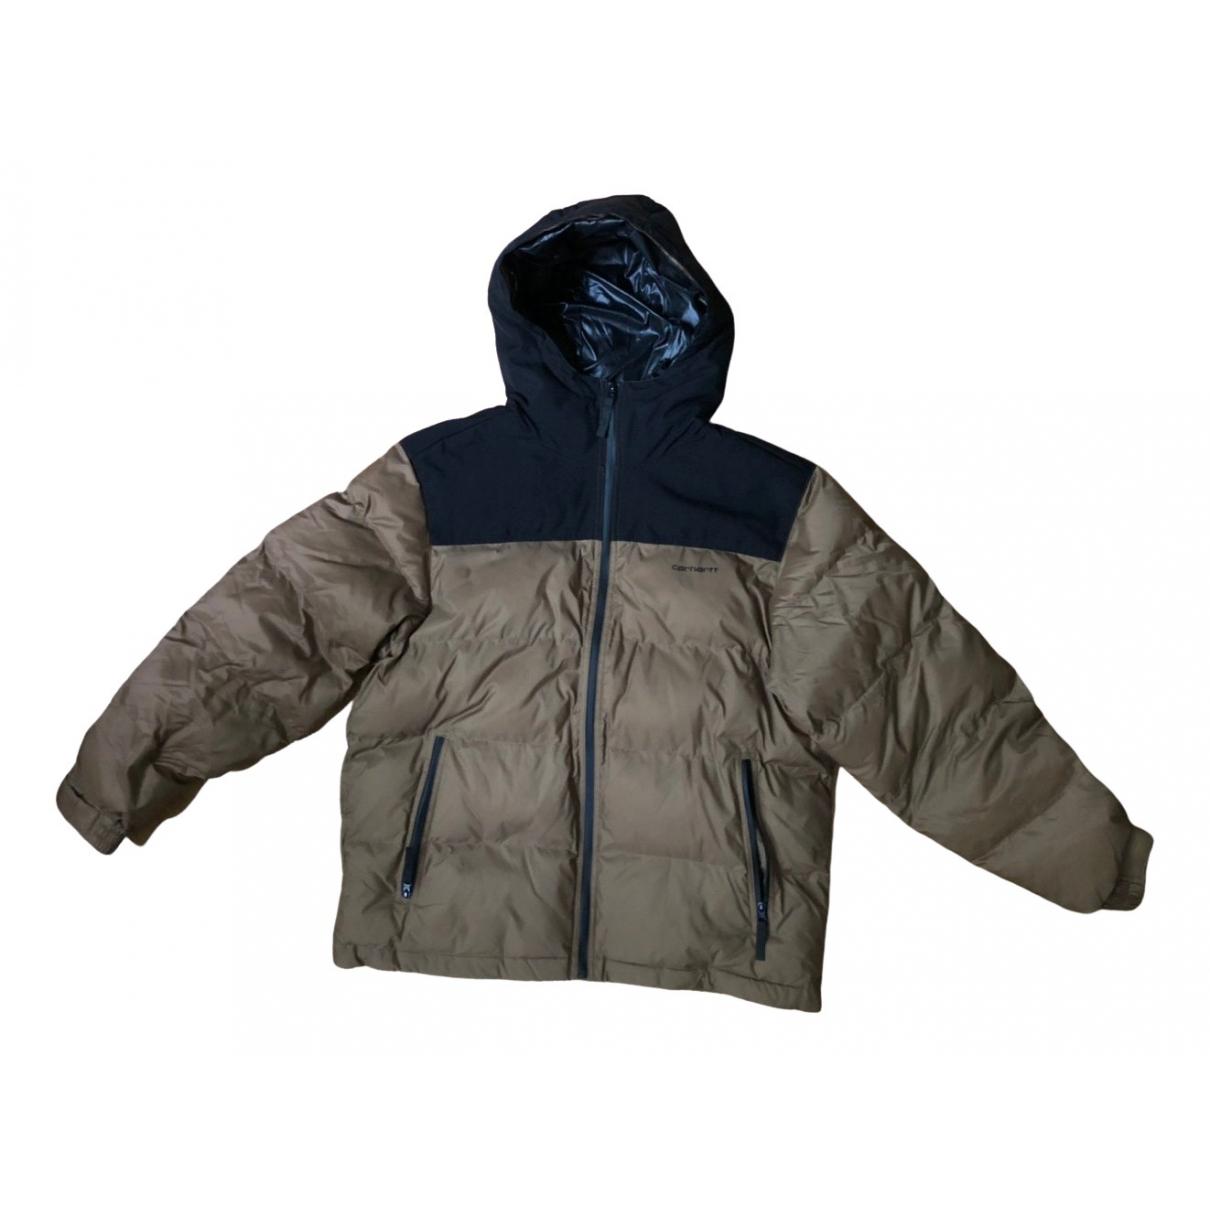 Carhartt Wip \N Brown jacket  for Men L International